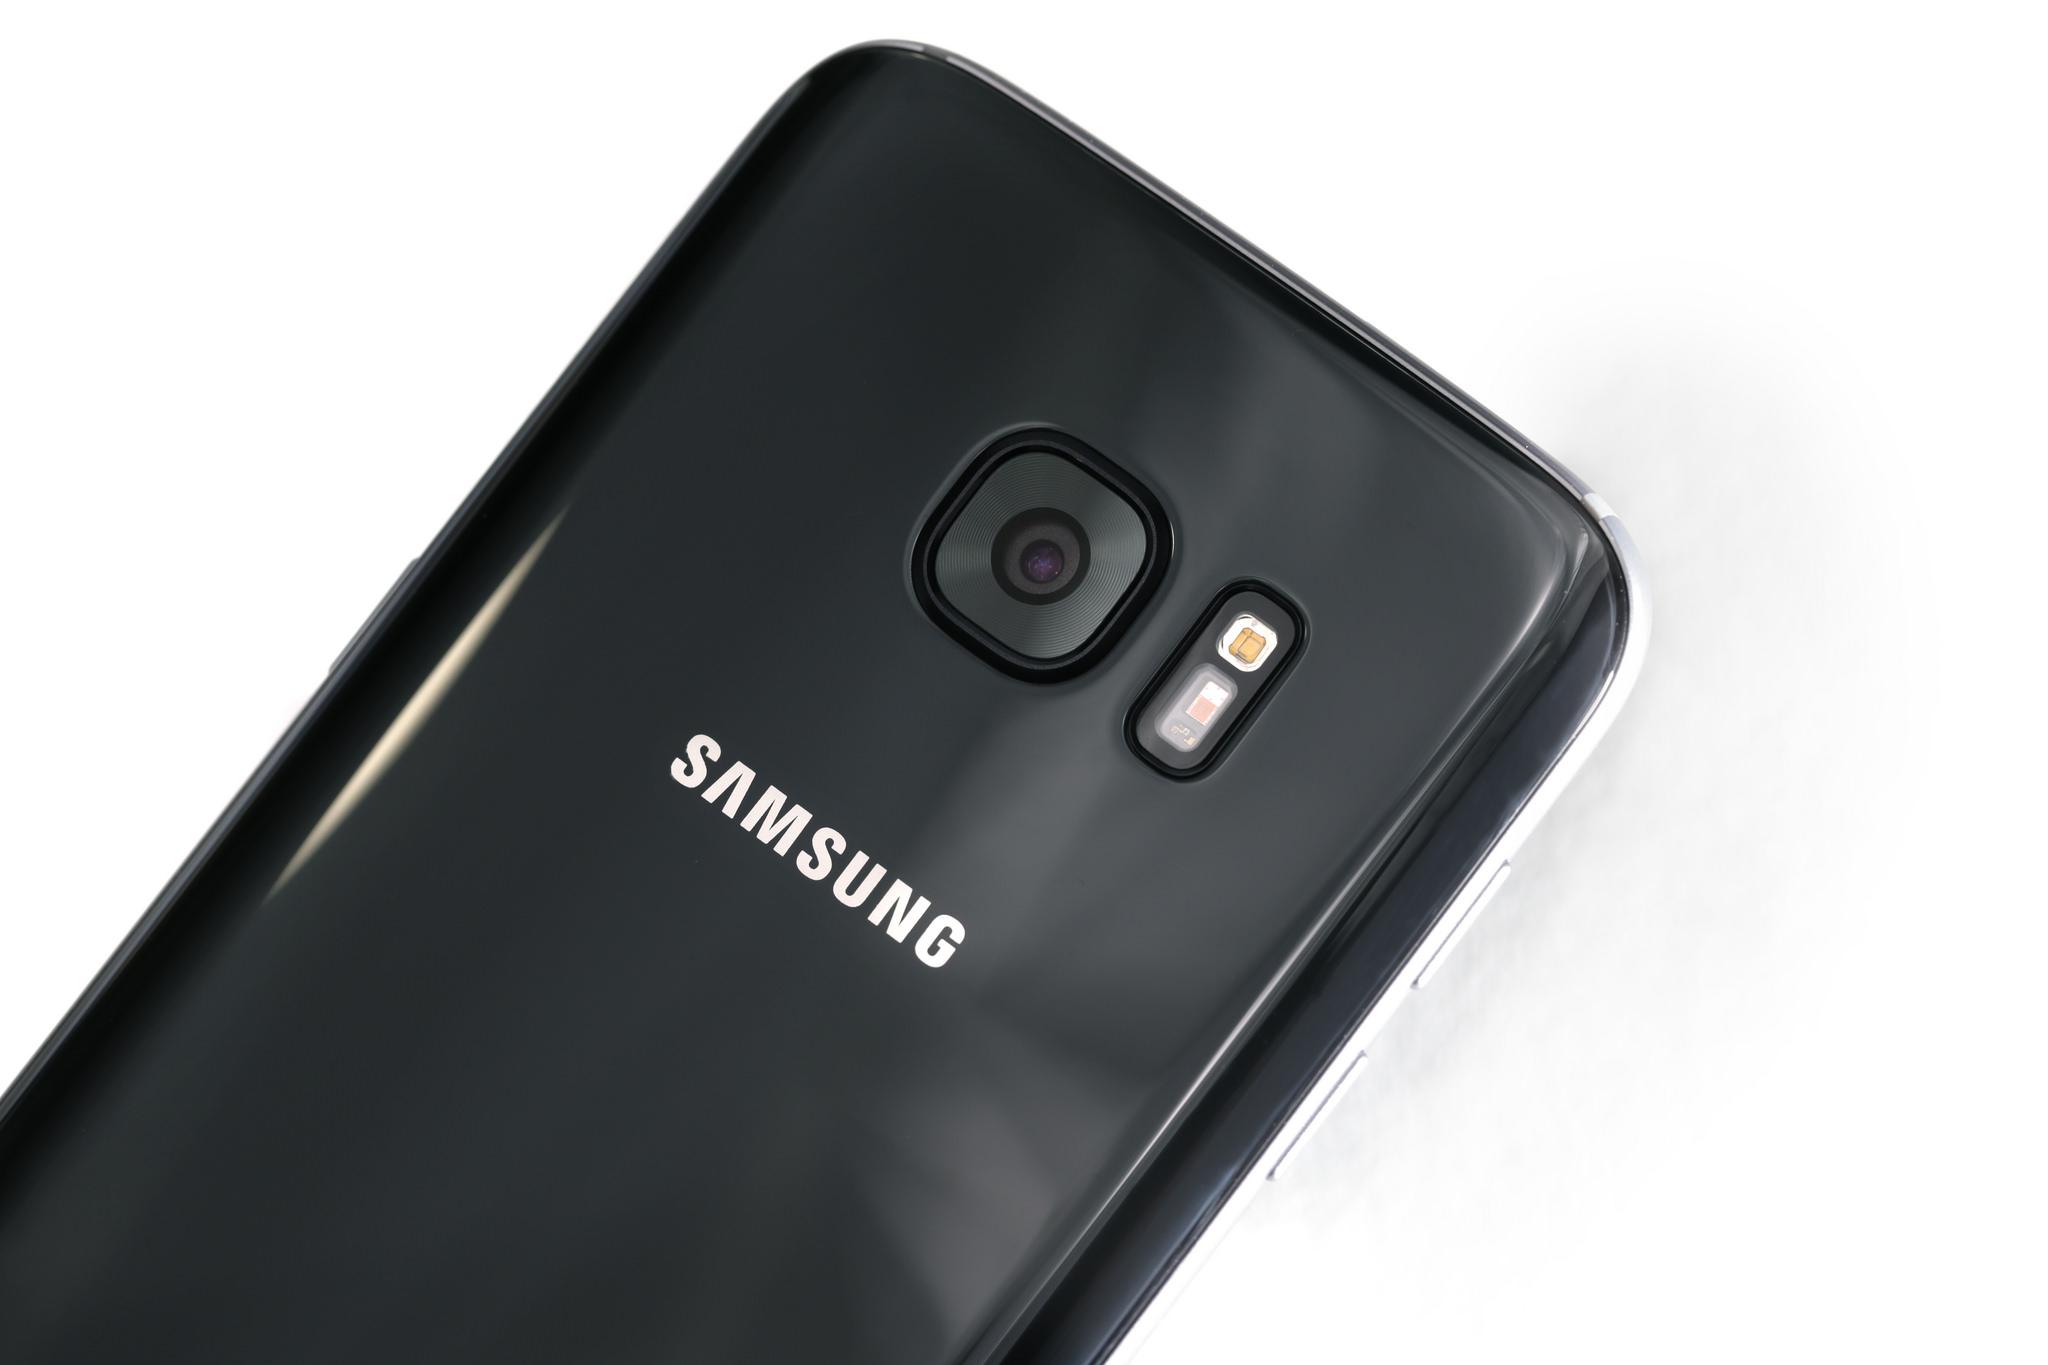 رنگ گوشی گلگسی اس 7 و اس 7 اج Black Onyx است و در زاویه های مختلف تغییر رنگ می دهد.